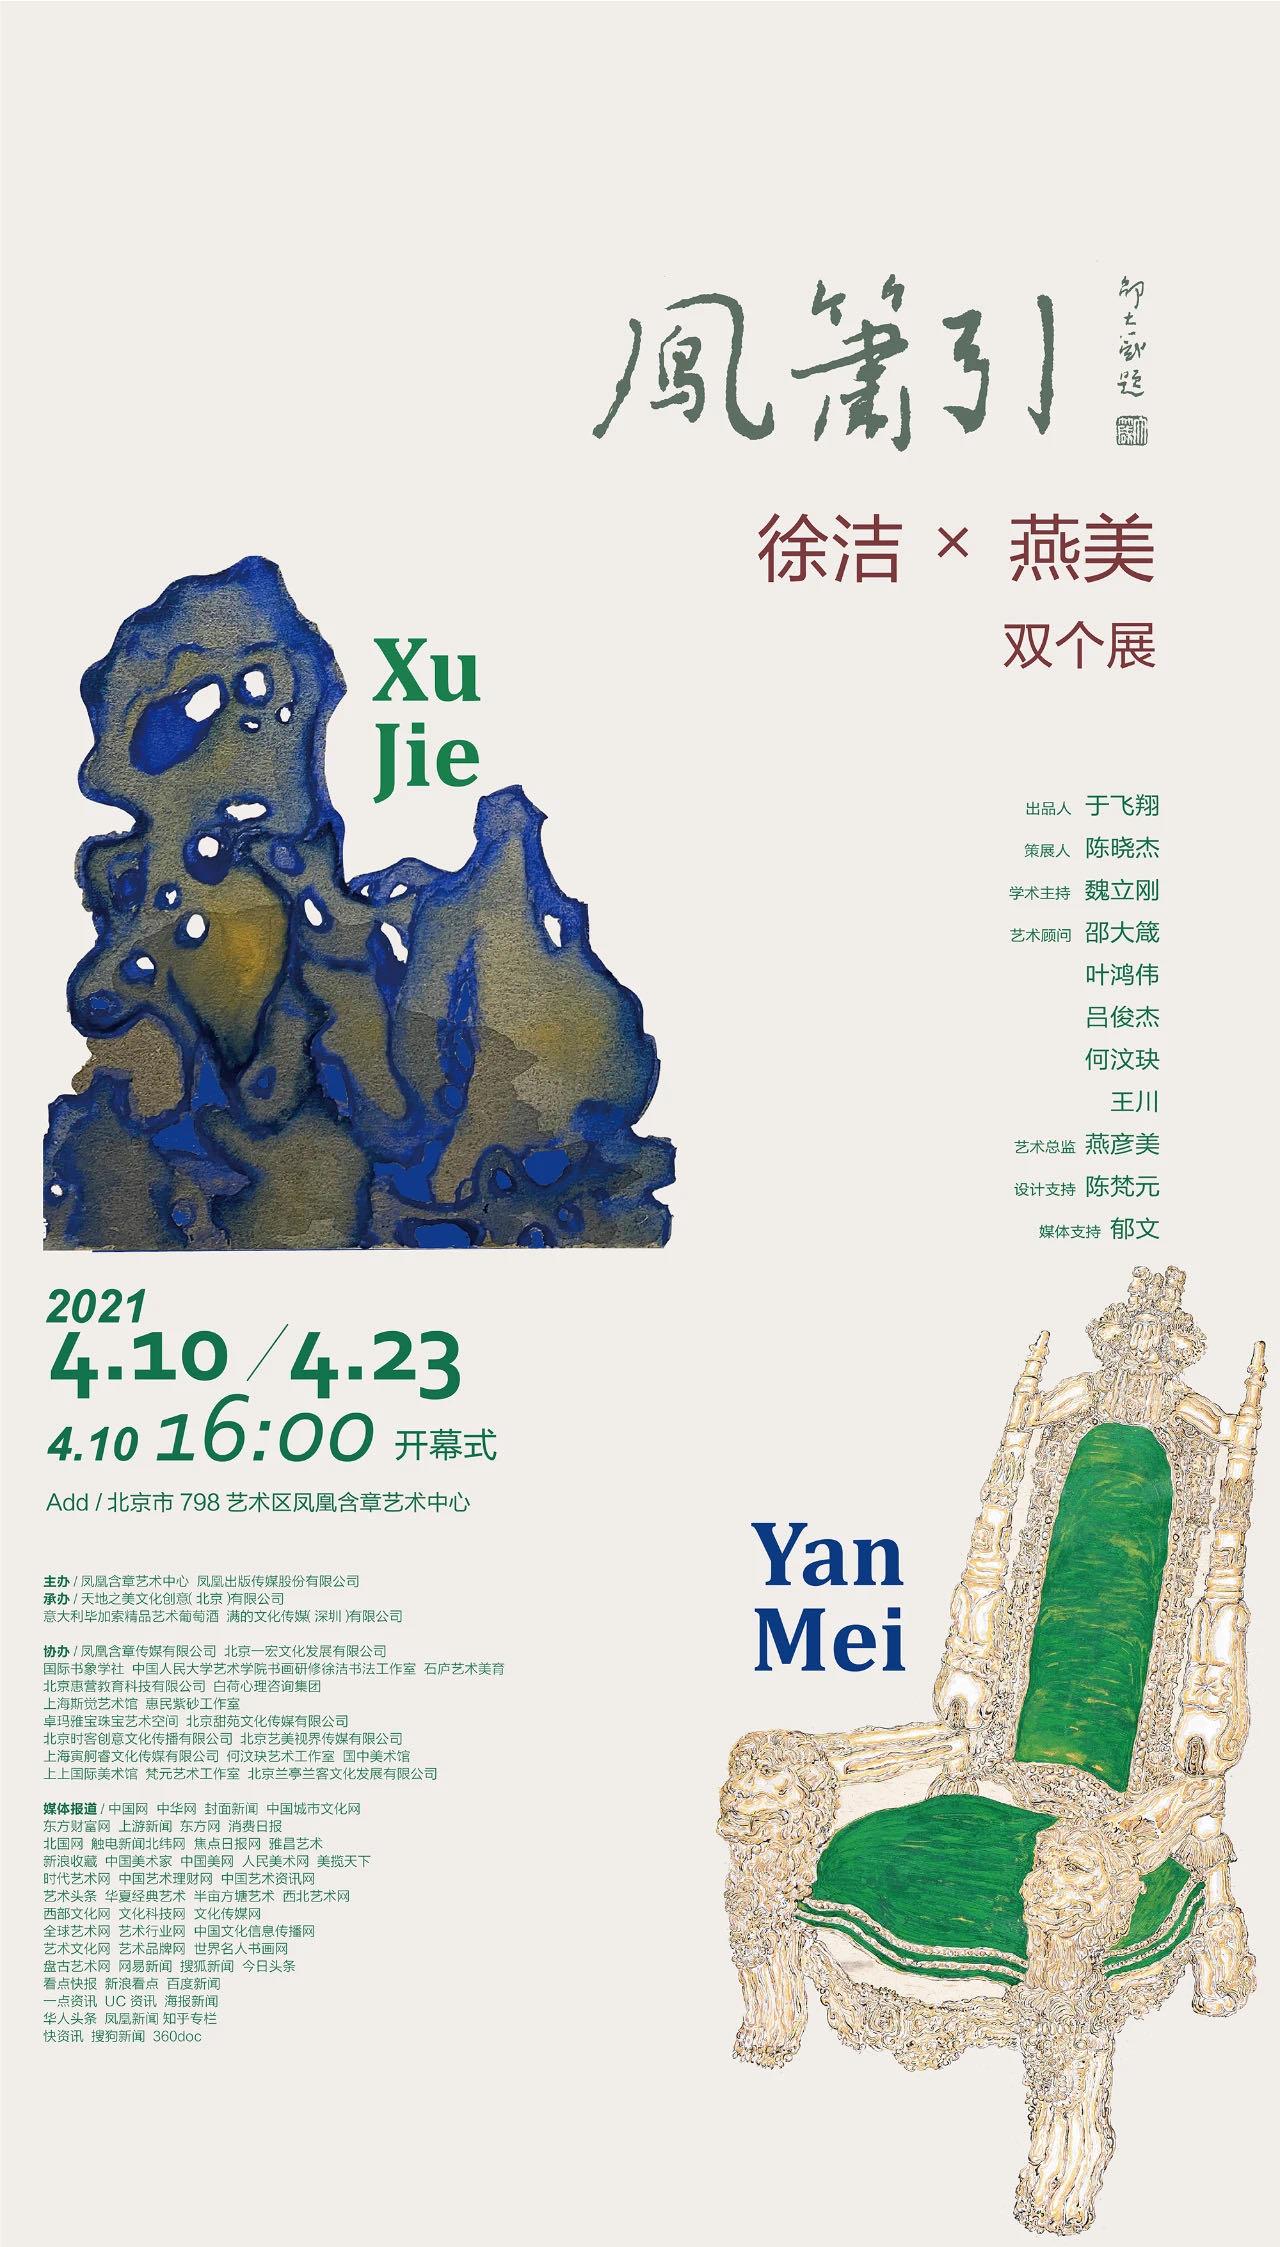 凤箫引 | 徐洁 x 燕美 双个展在北京798凤凰含章艺术中心隆重开幕